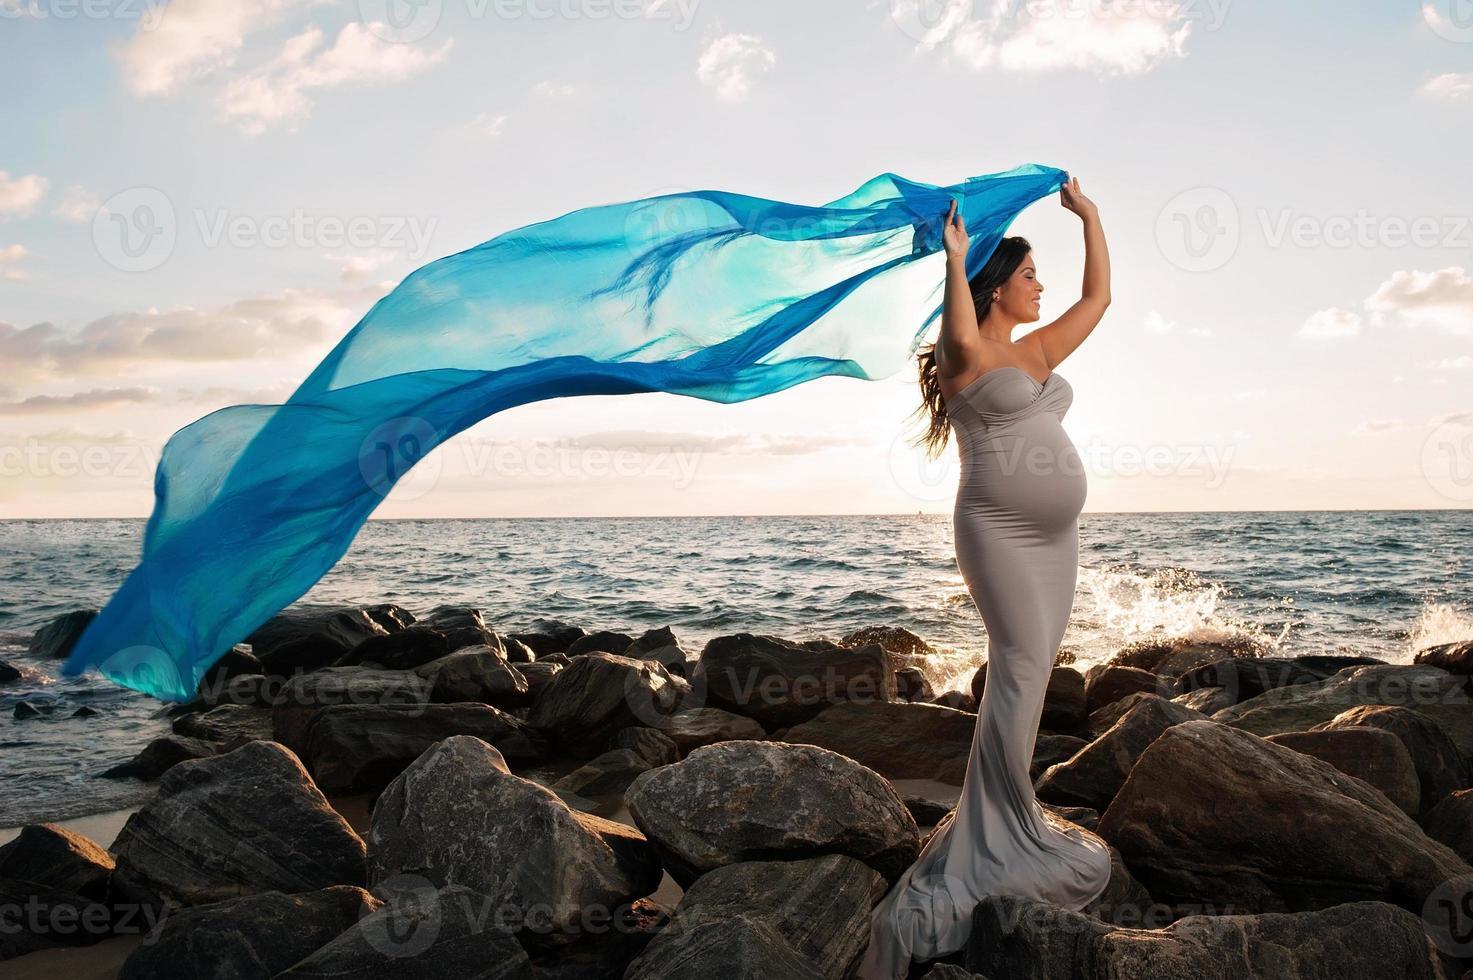 sonriente mujer embarazada en la playa con velo azul foto